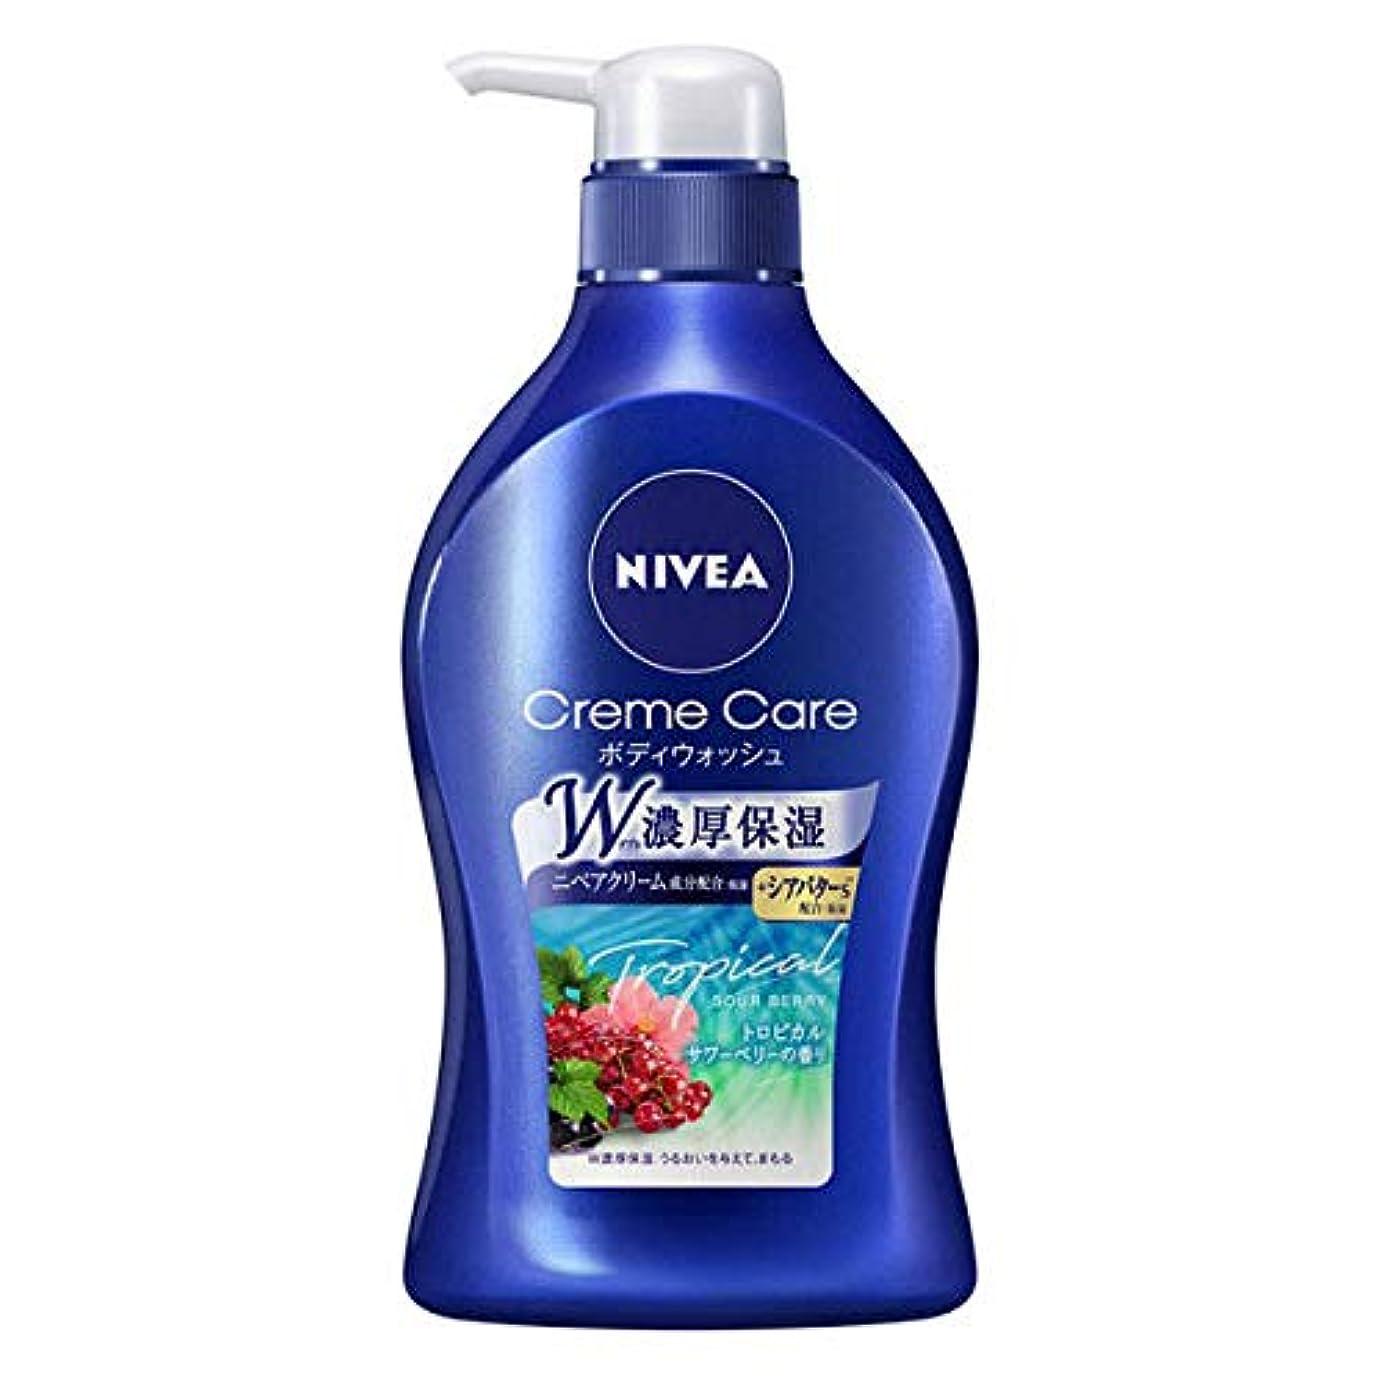 机見通しきしむニベア クリームケア ボディウォッシュ トロピカルサワーベリーの香り ポンプ 480ml 花王